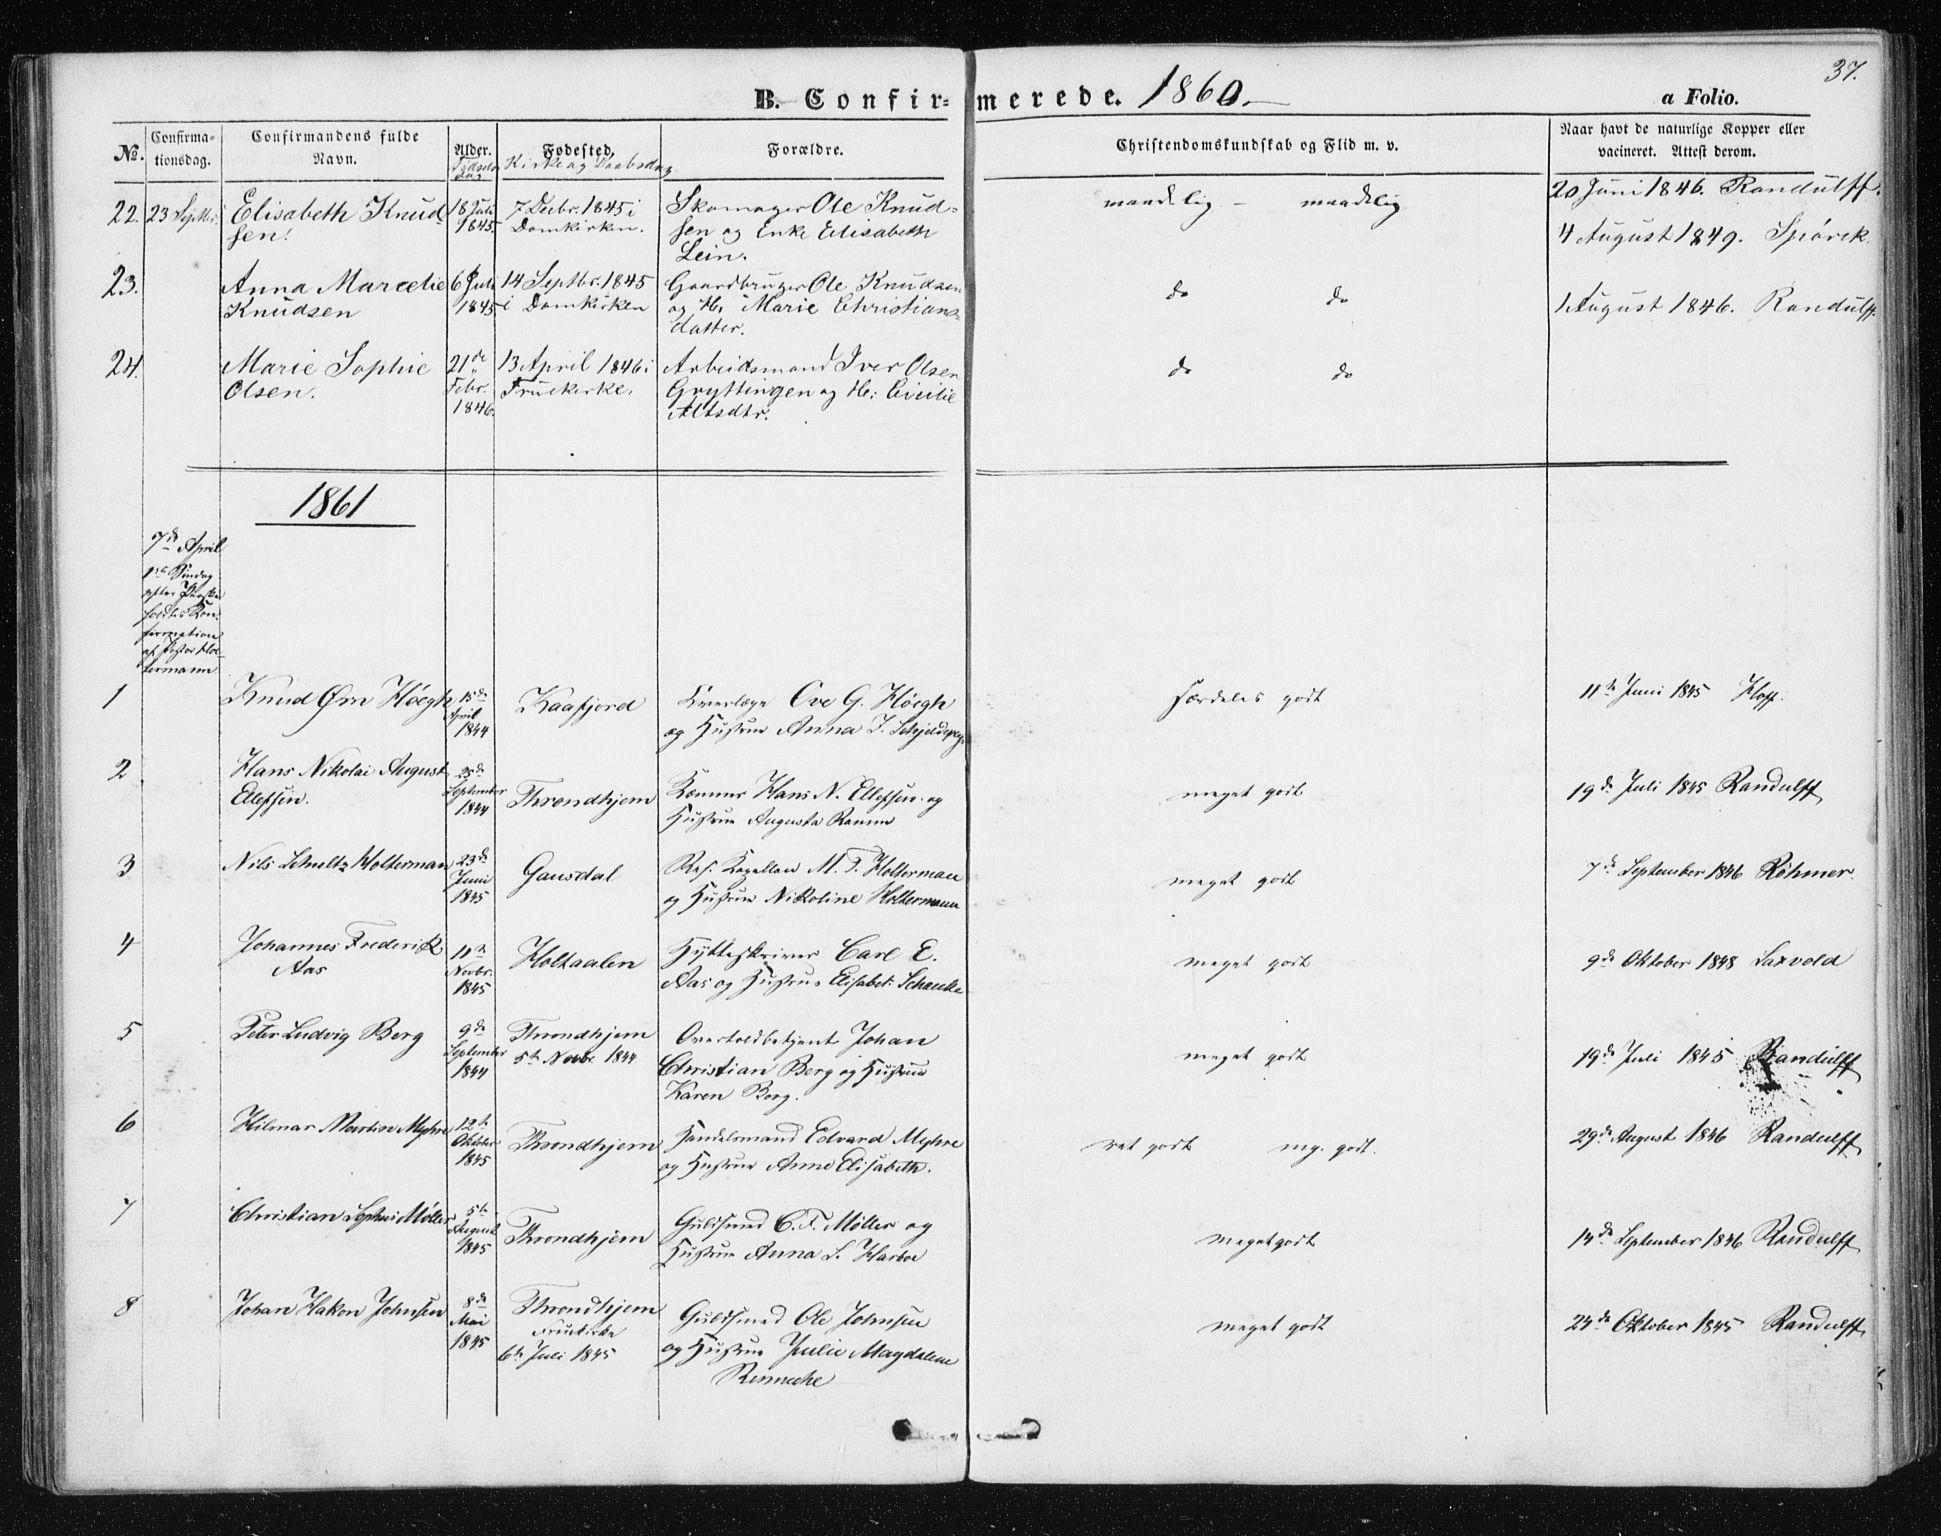 SAT, Ministerialprotokoller, klokkerbøker og fødselsregistre - Sør-Trøndelag, 602/L0114: Ministerialbok nr. 602A12, 1856-1872, s. 37